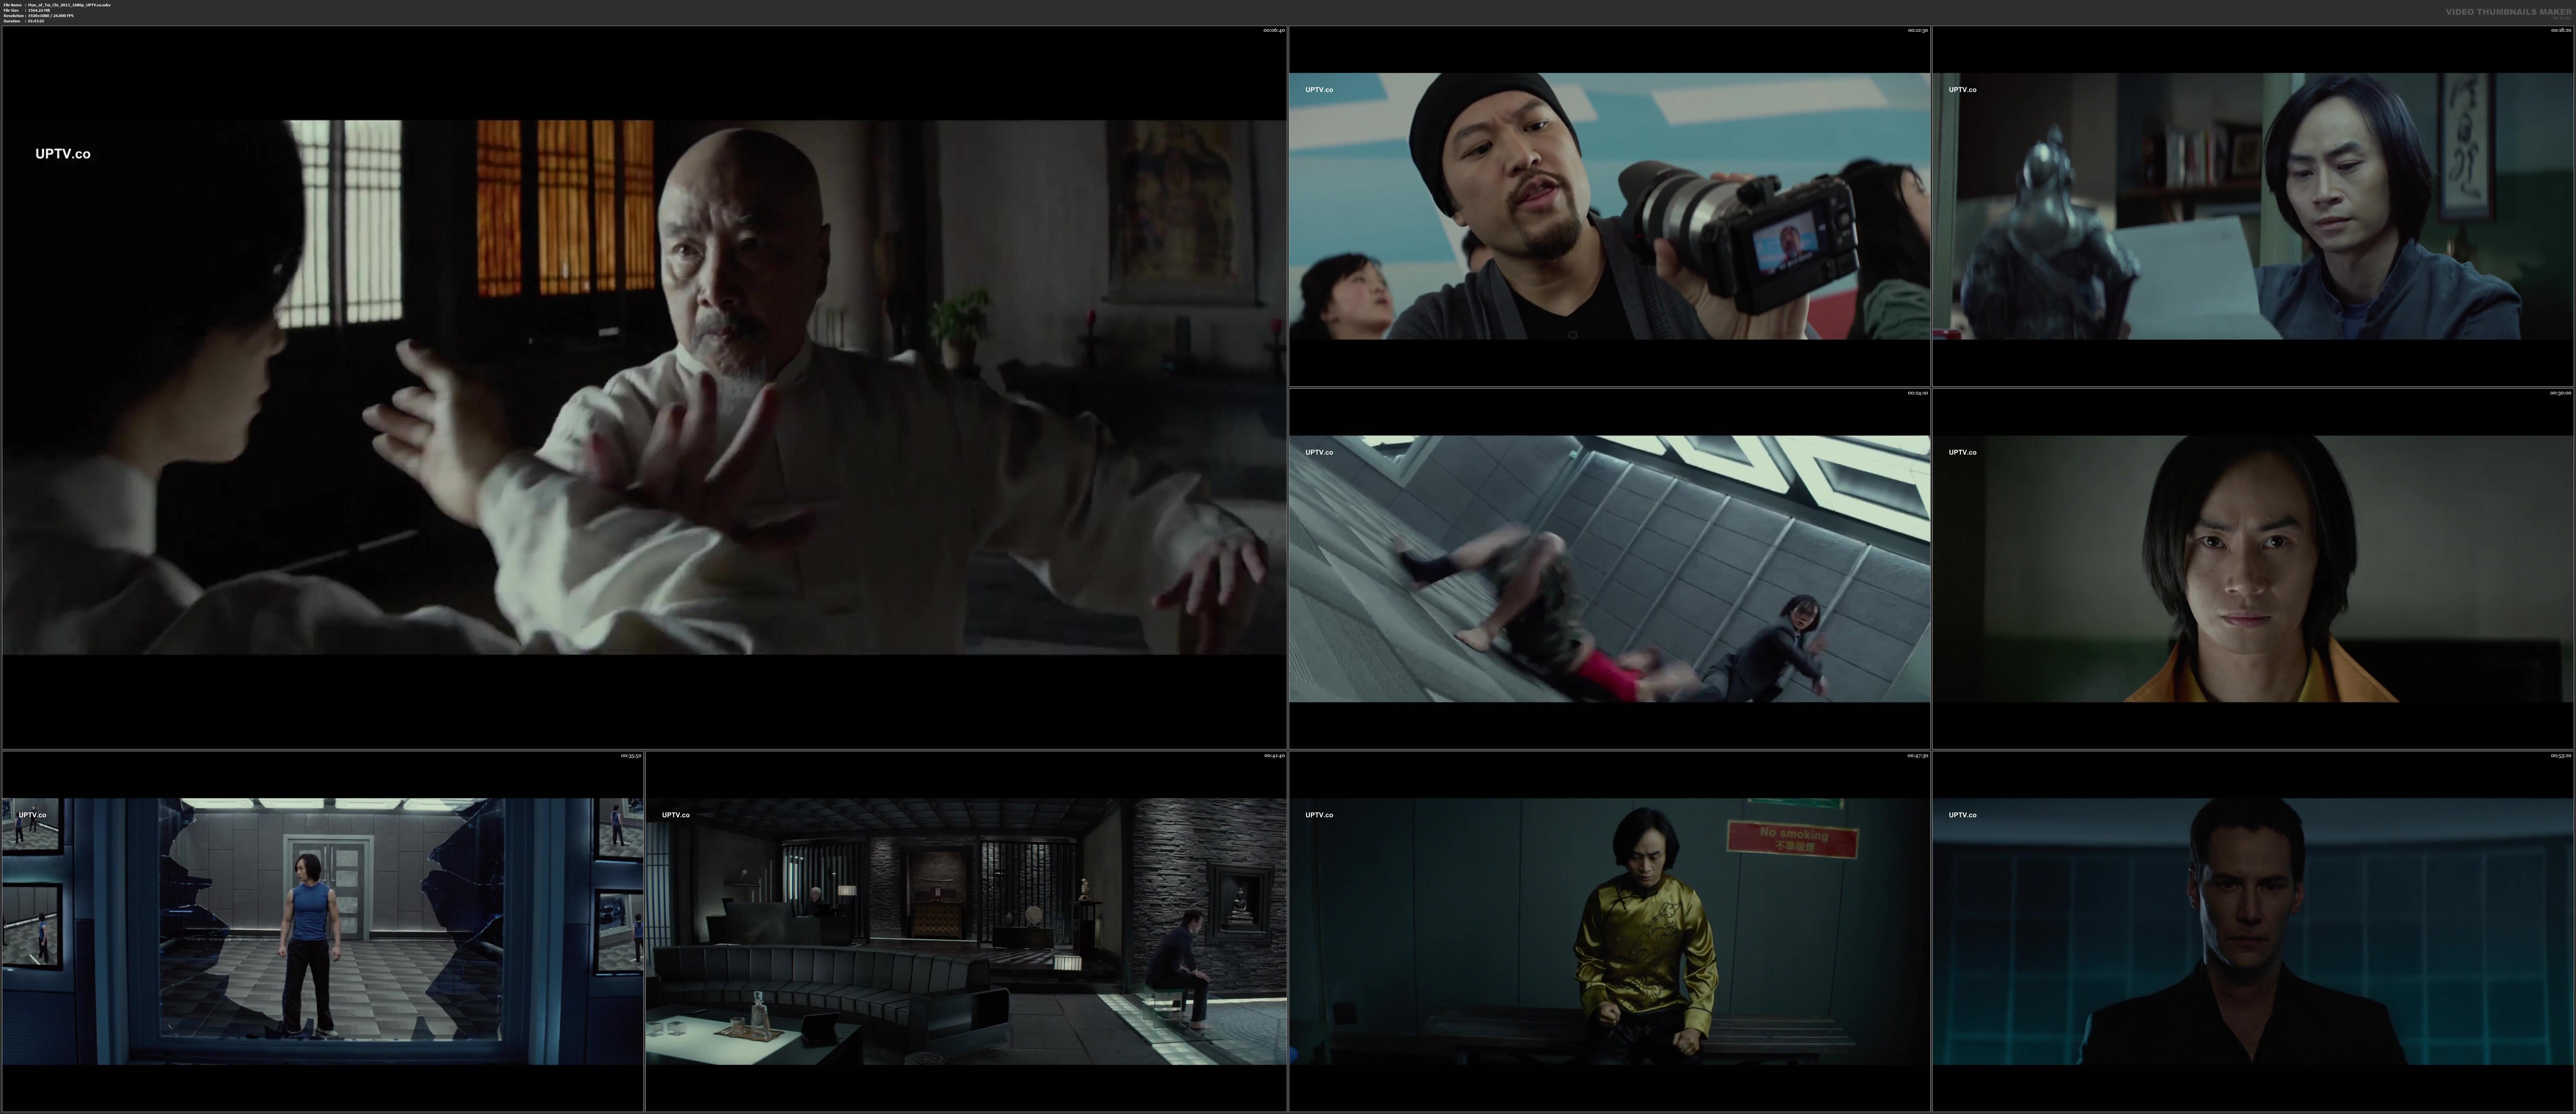 دانلود فیلم Man of Tai Chi 2013 مبارز تای چی با دوبله ...